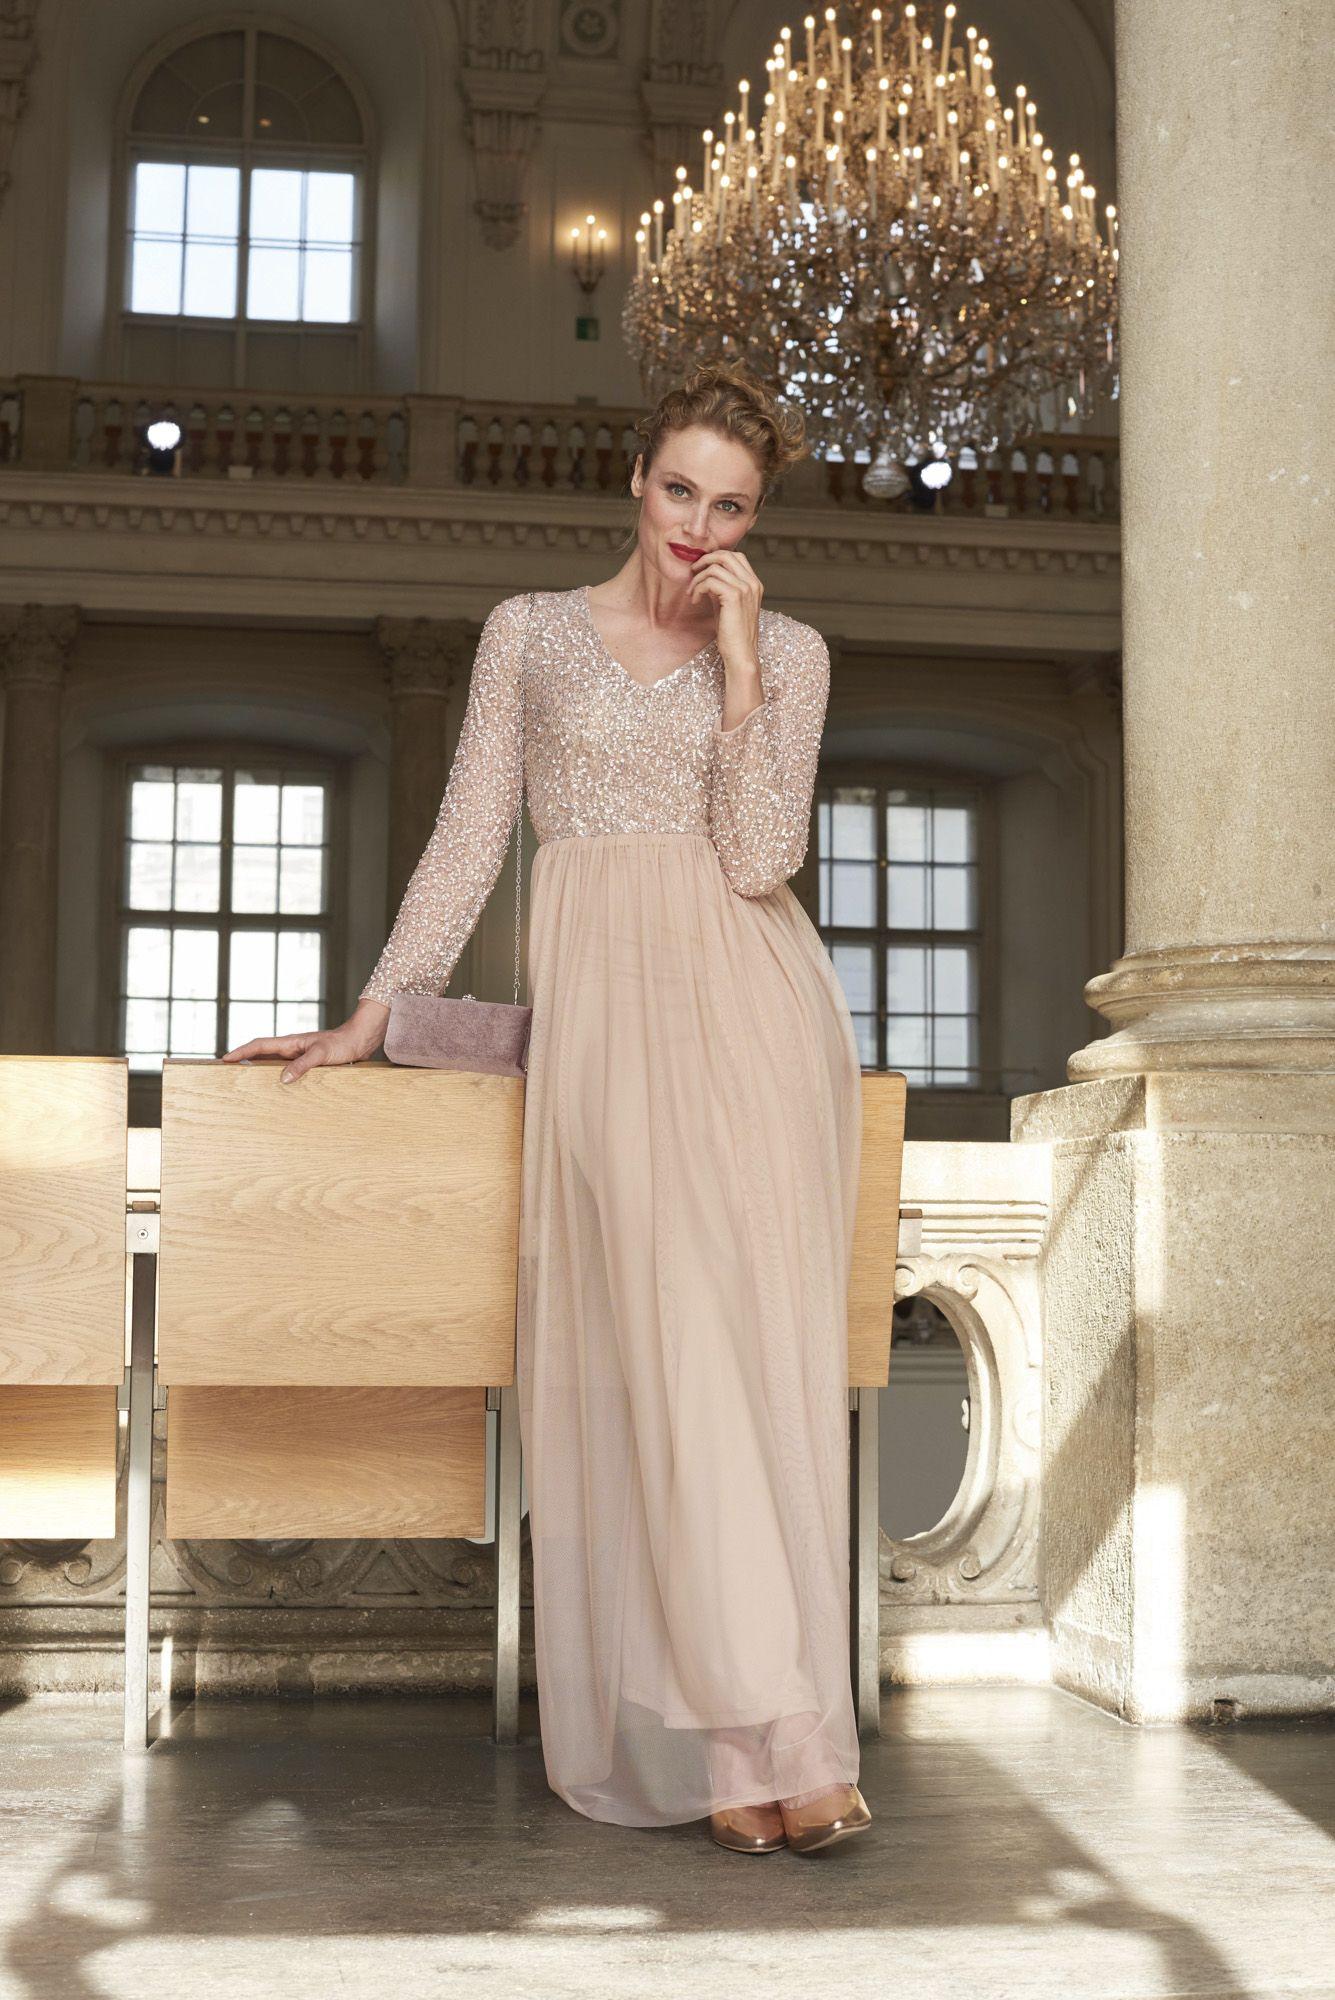 b037cd8bbf37 Abendkleid mit Pailletten   W50-2018-Bekleidung   Online shopping ...